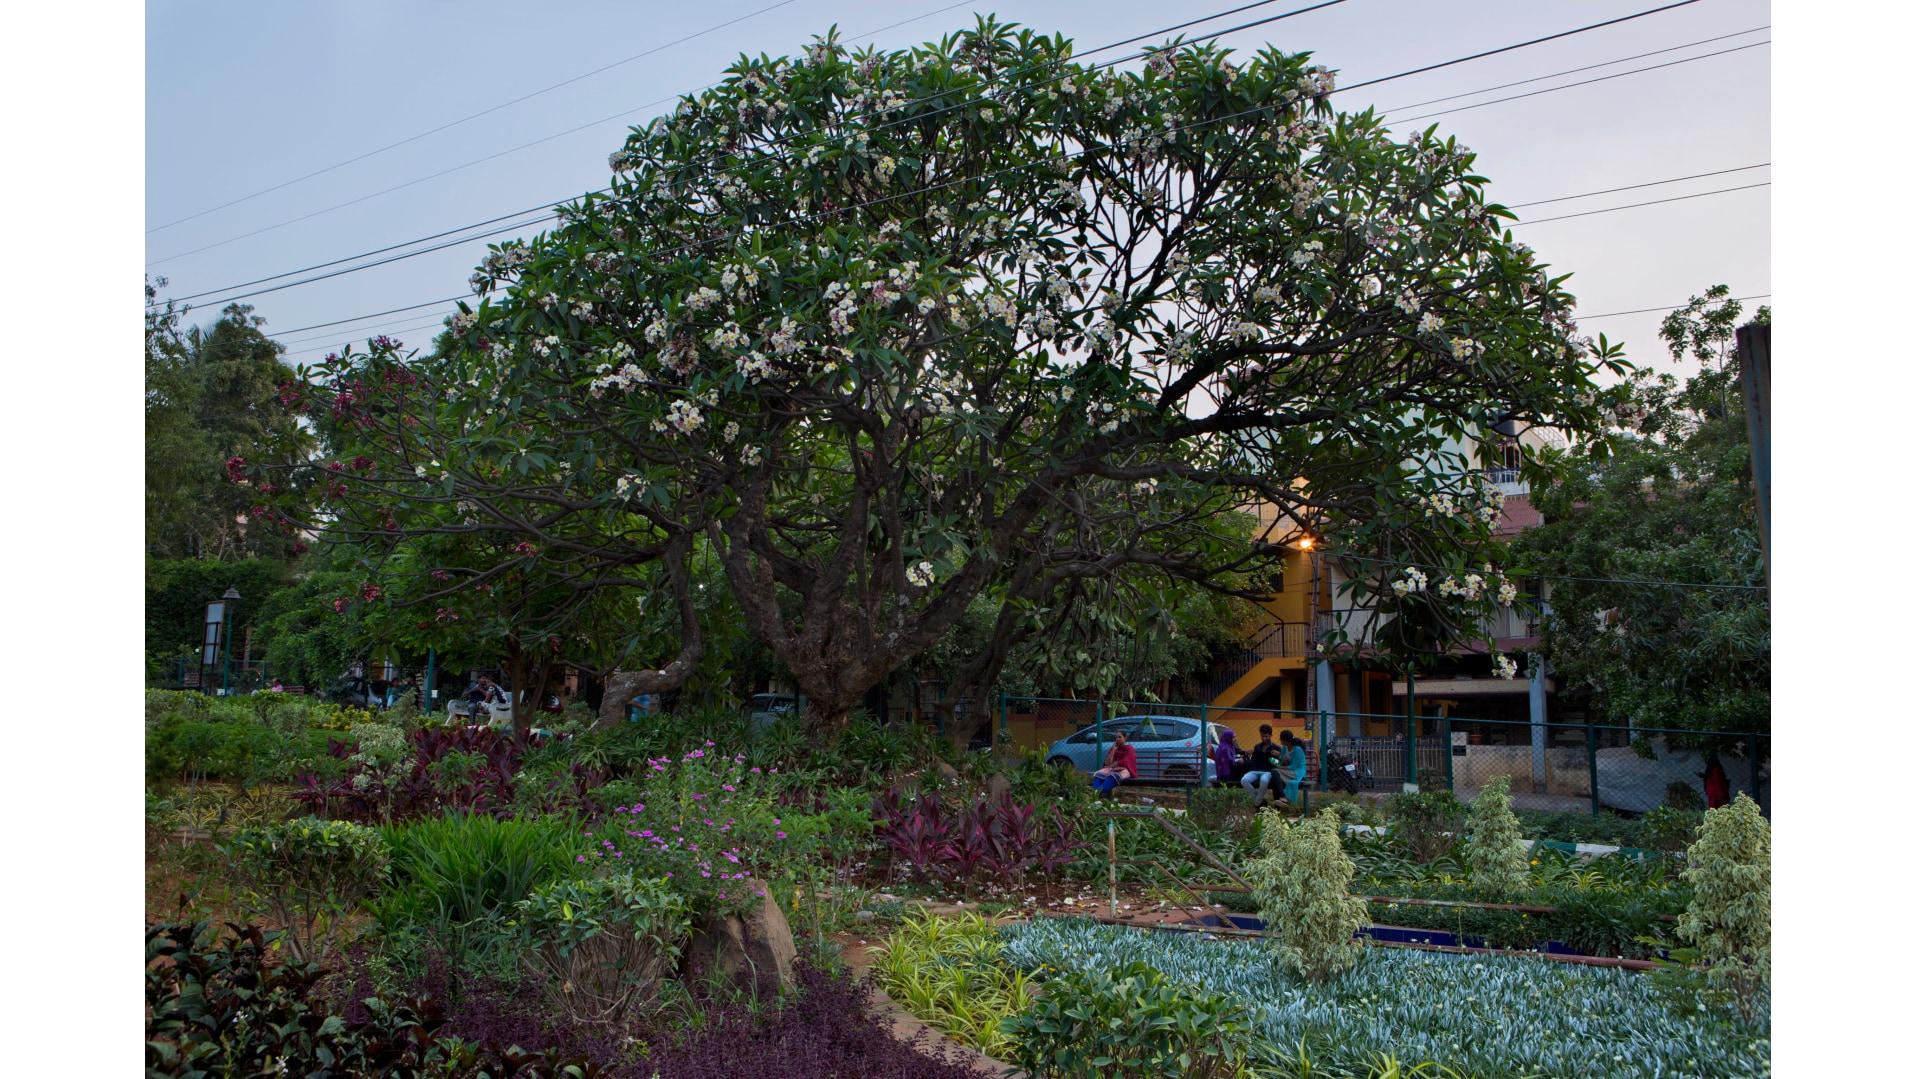 bengaluru-trees-10